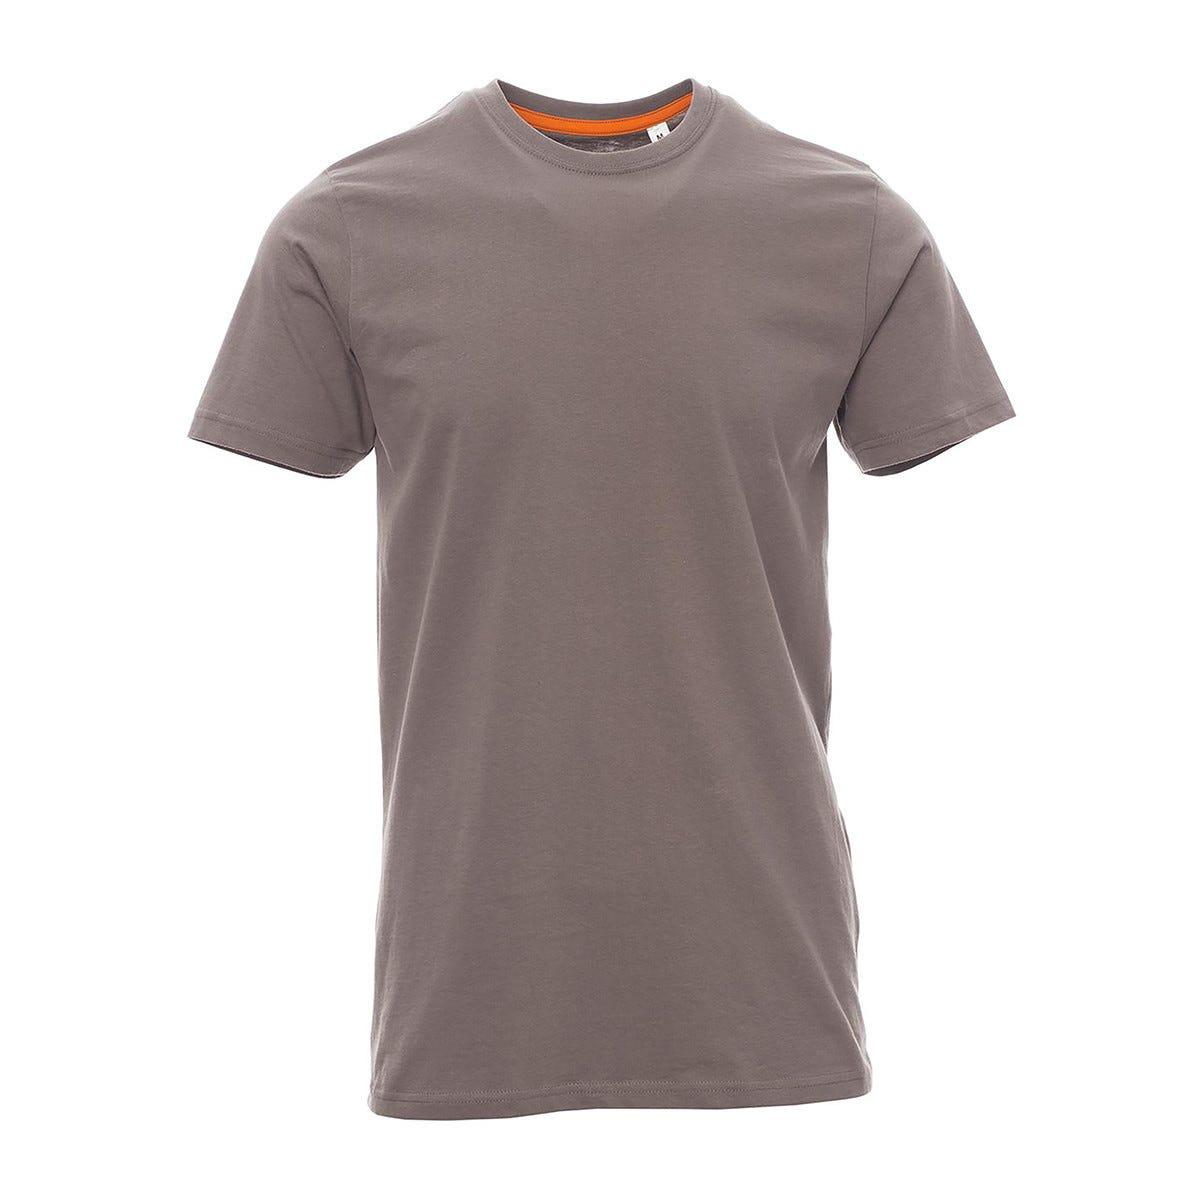 5 T Shirt Manica Corta Taglia Xxl Grigio 100% Cotone